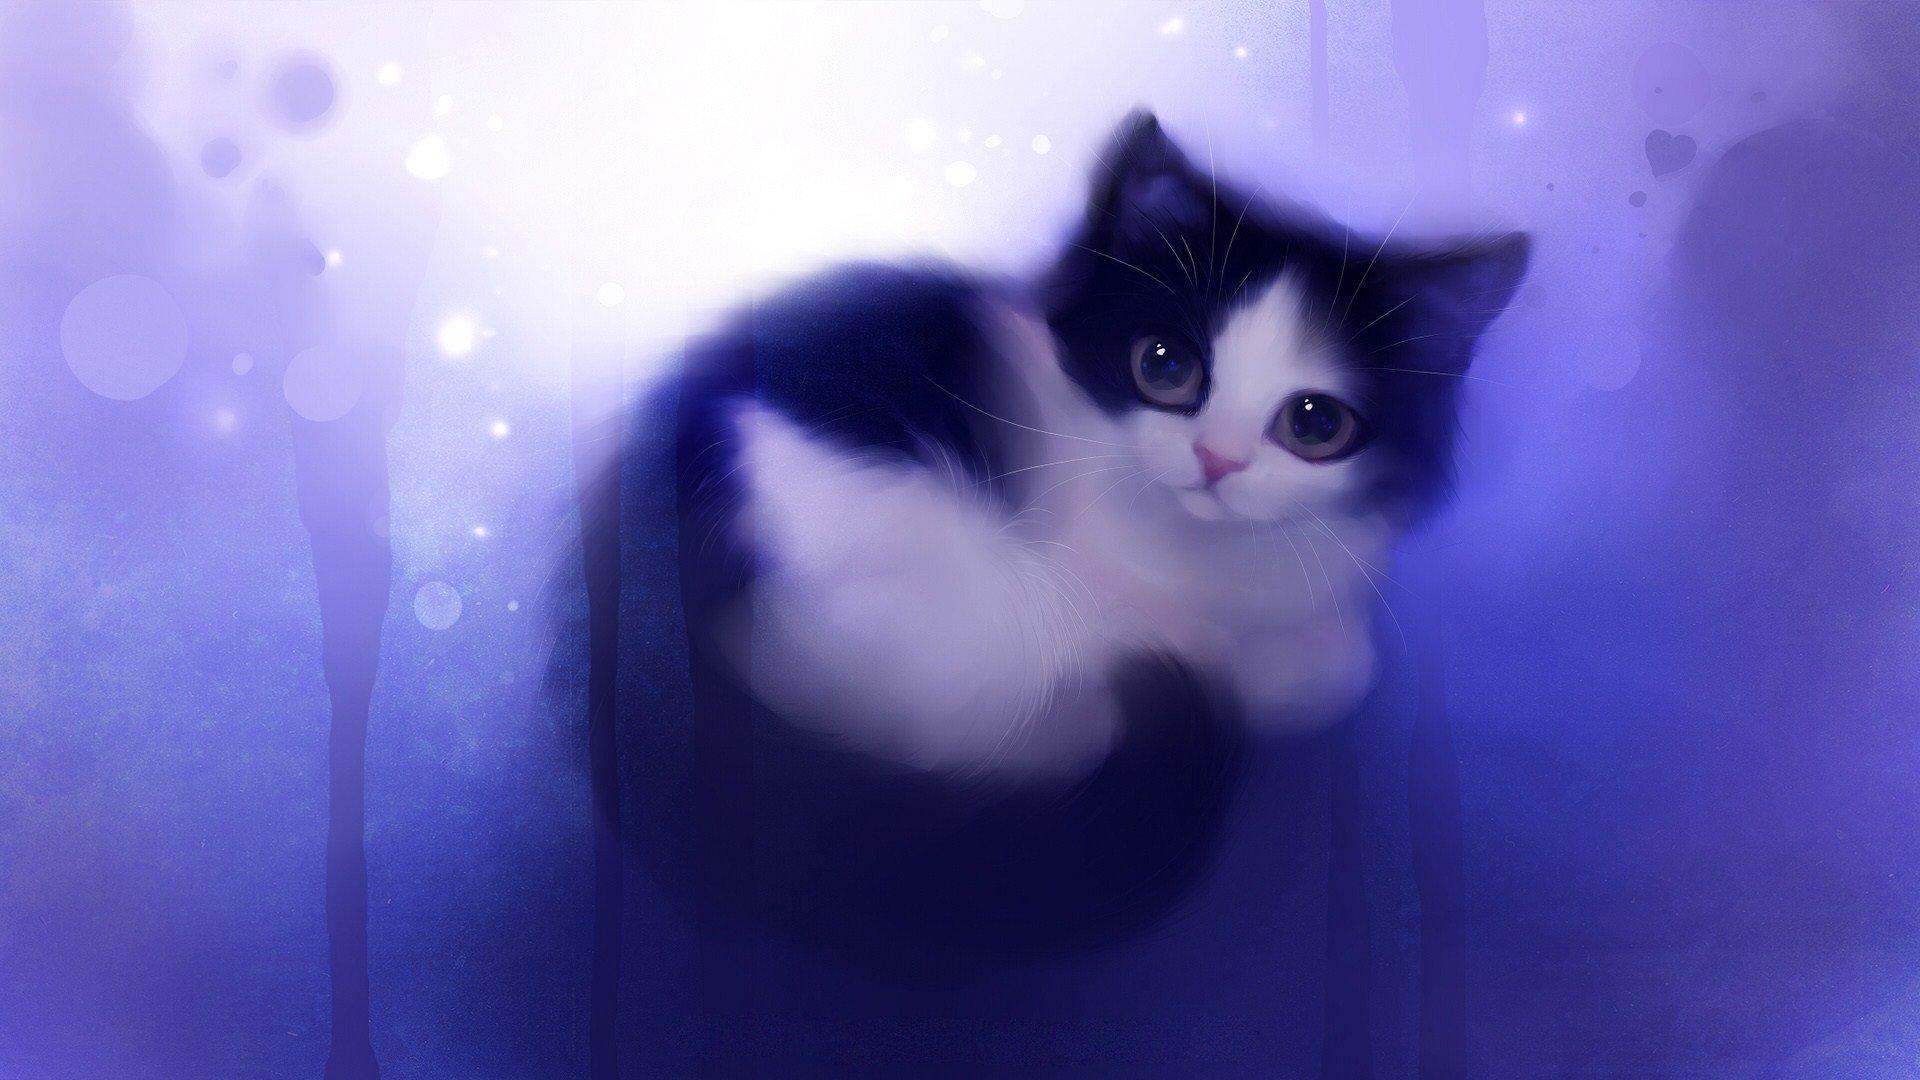 Cute Black Cat Painting Wallpaper